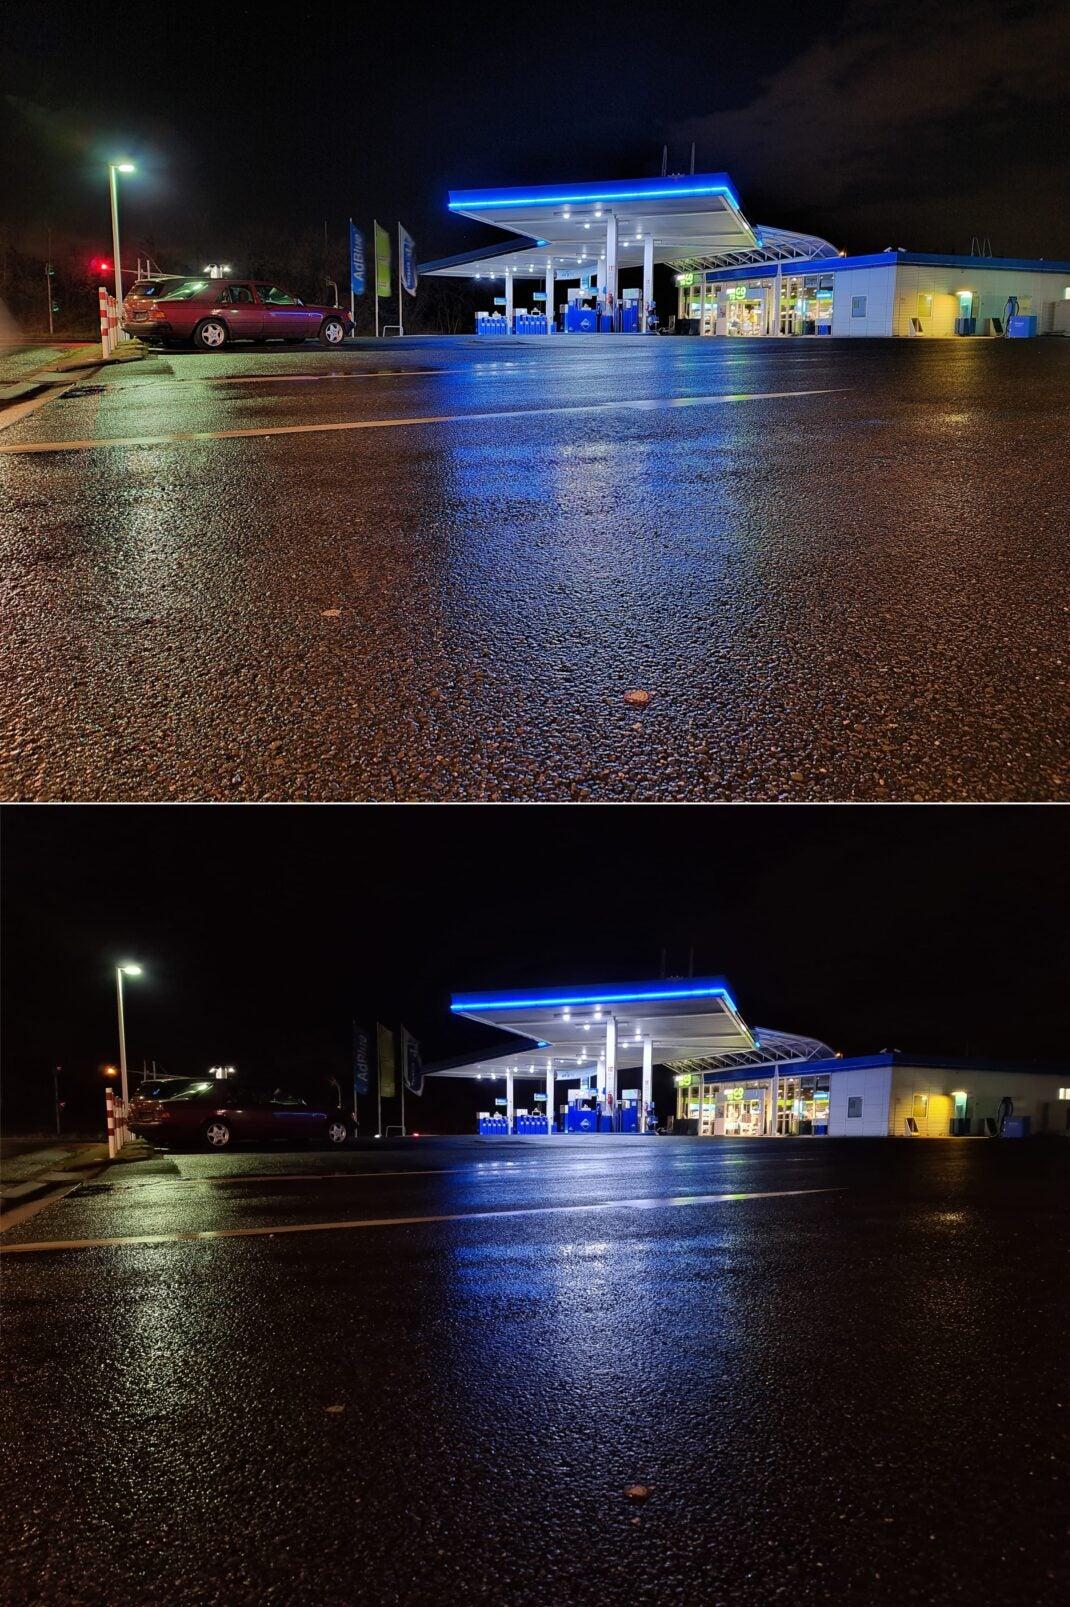 Nachtfotografie: Galaxy S20 Ultra mit eingeschaltetem Nachtmodus (oben) und ohne die Einstellung (unten)